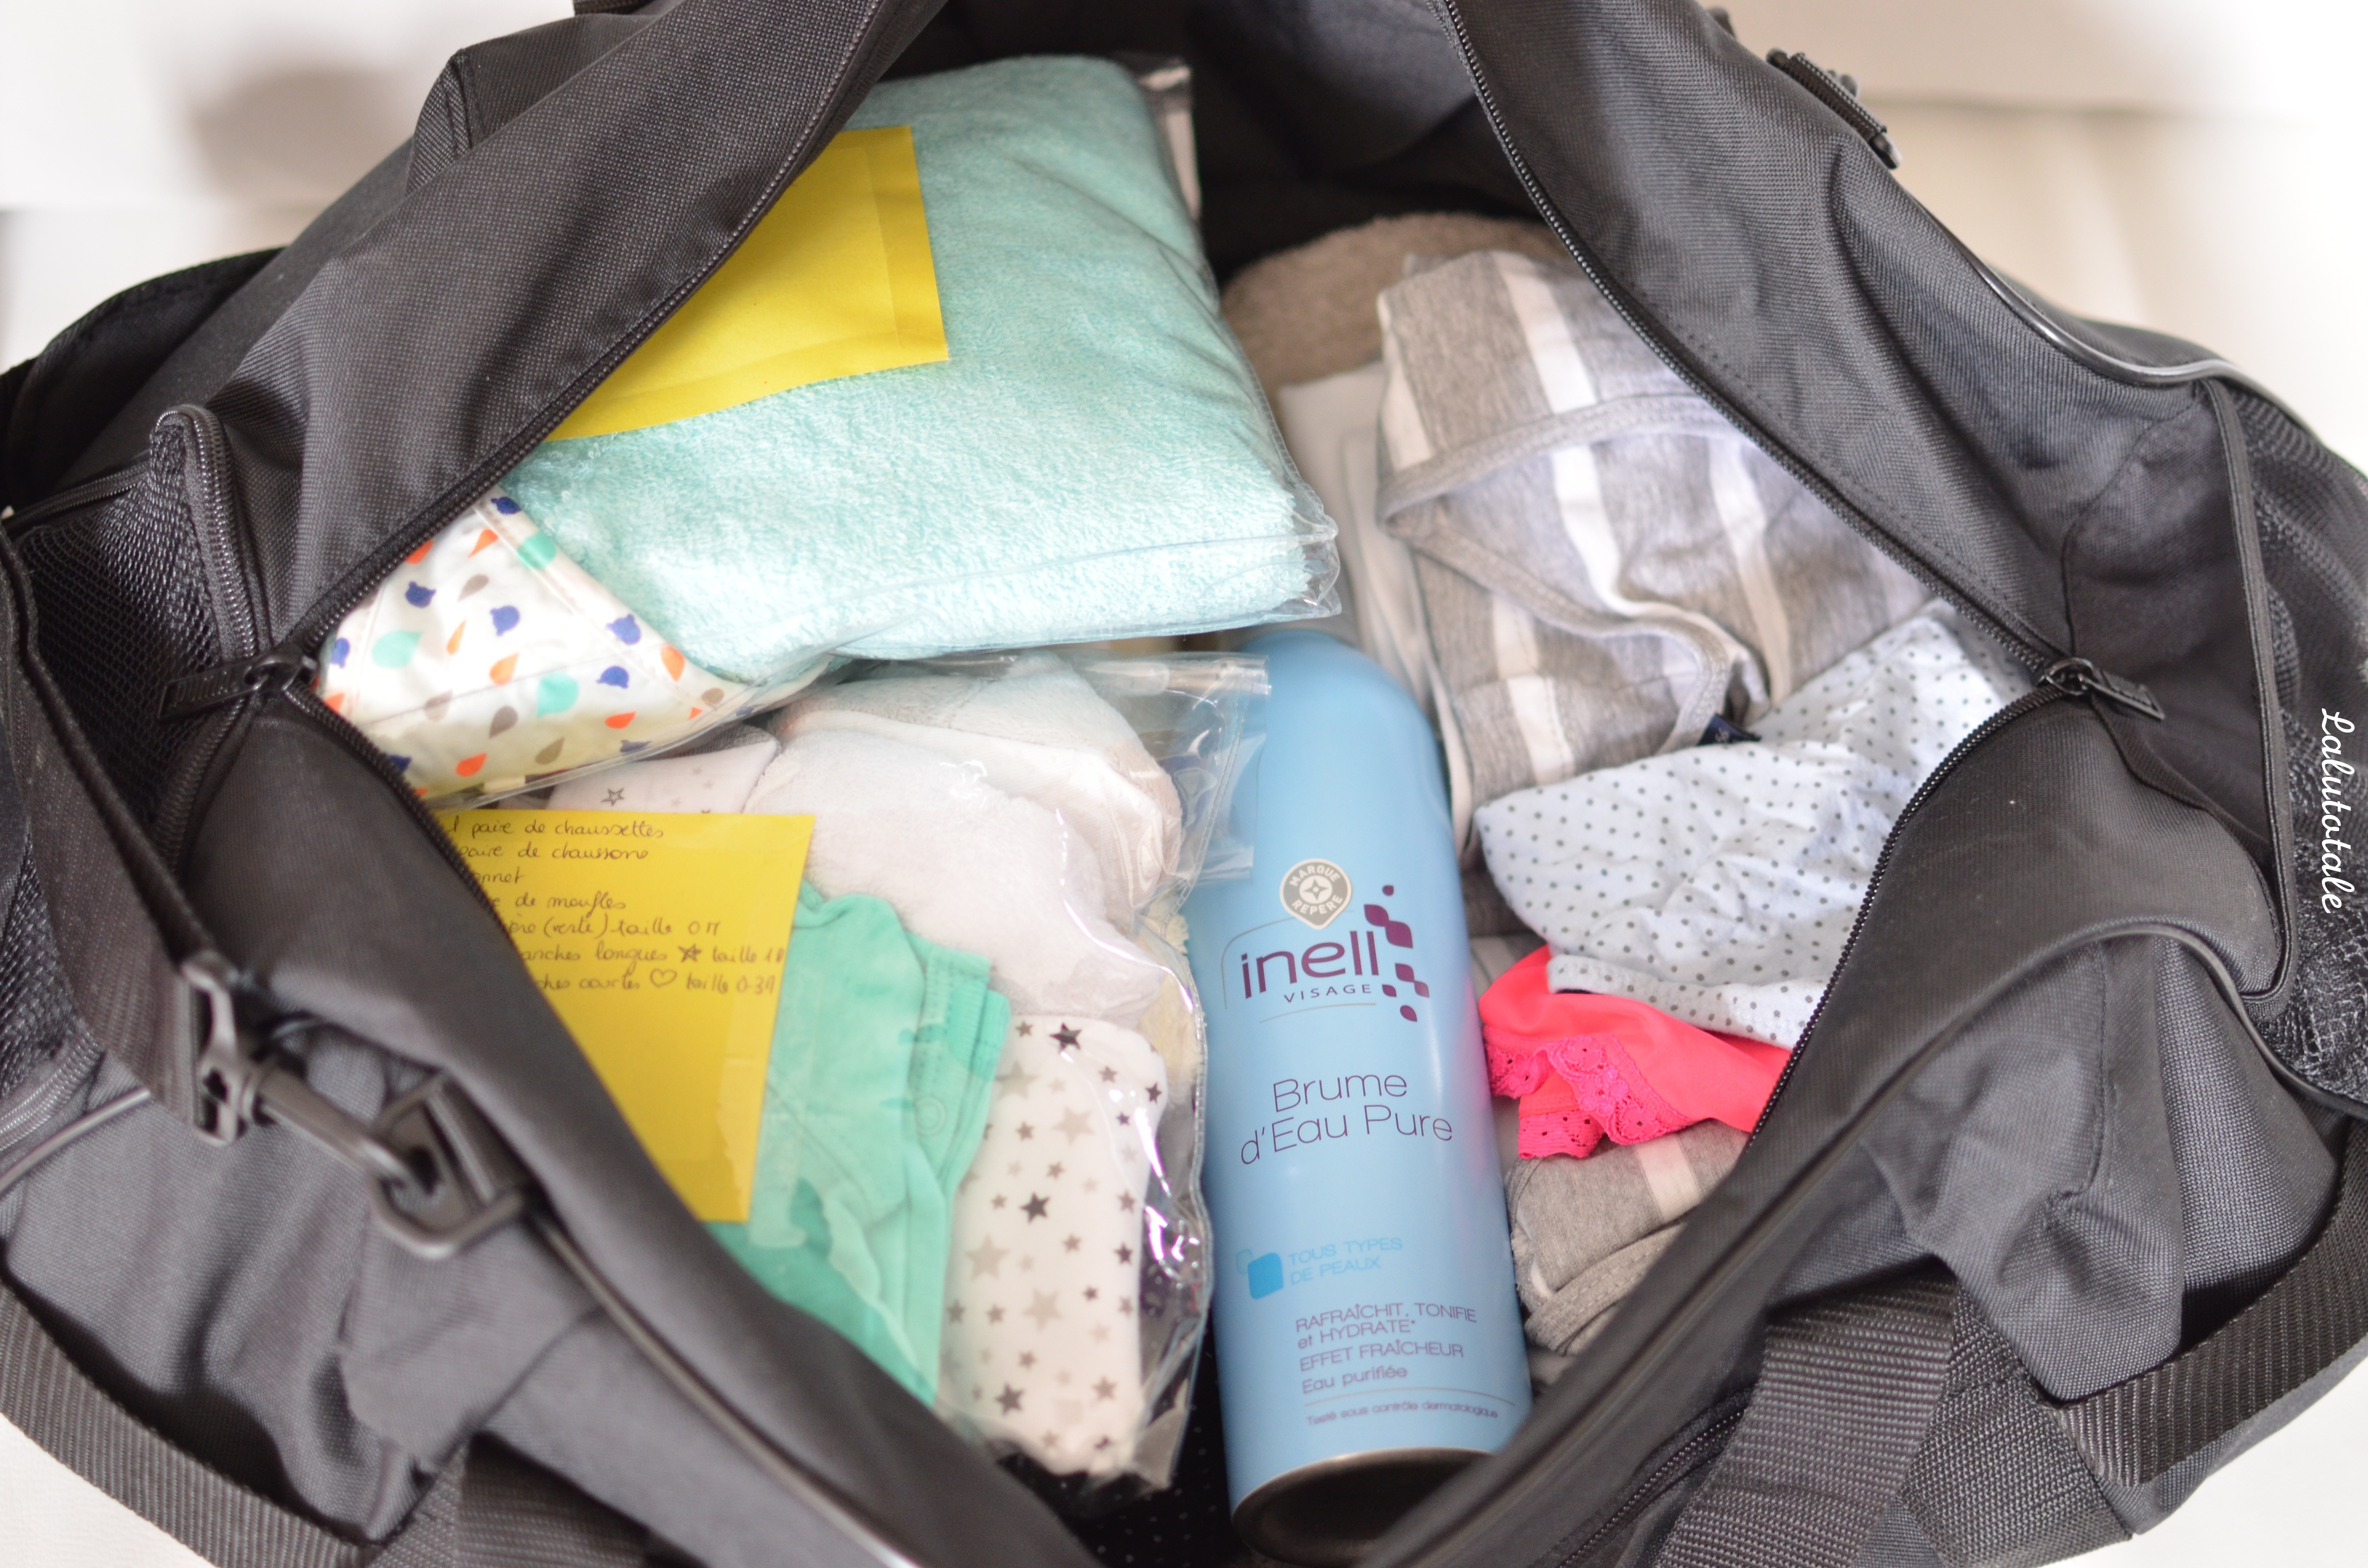 conseil valise maternité